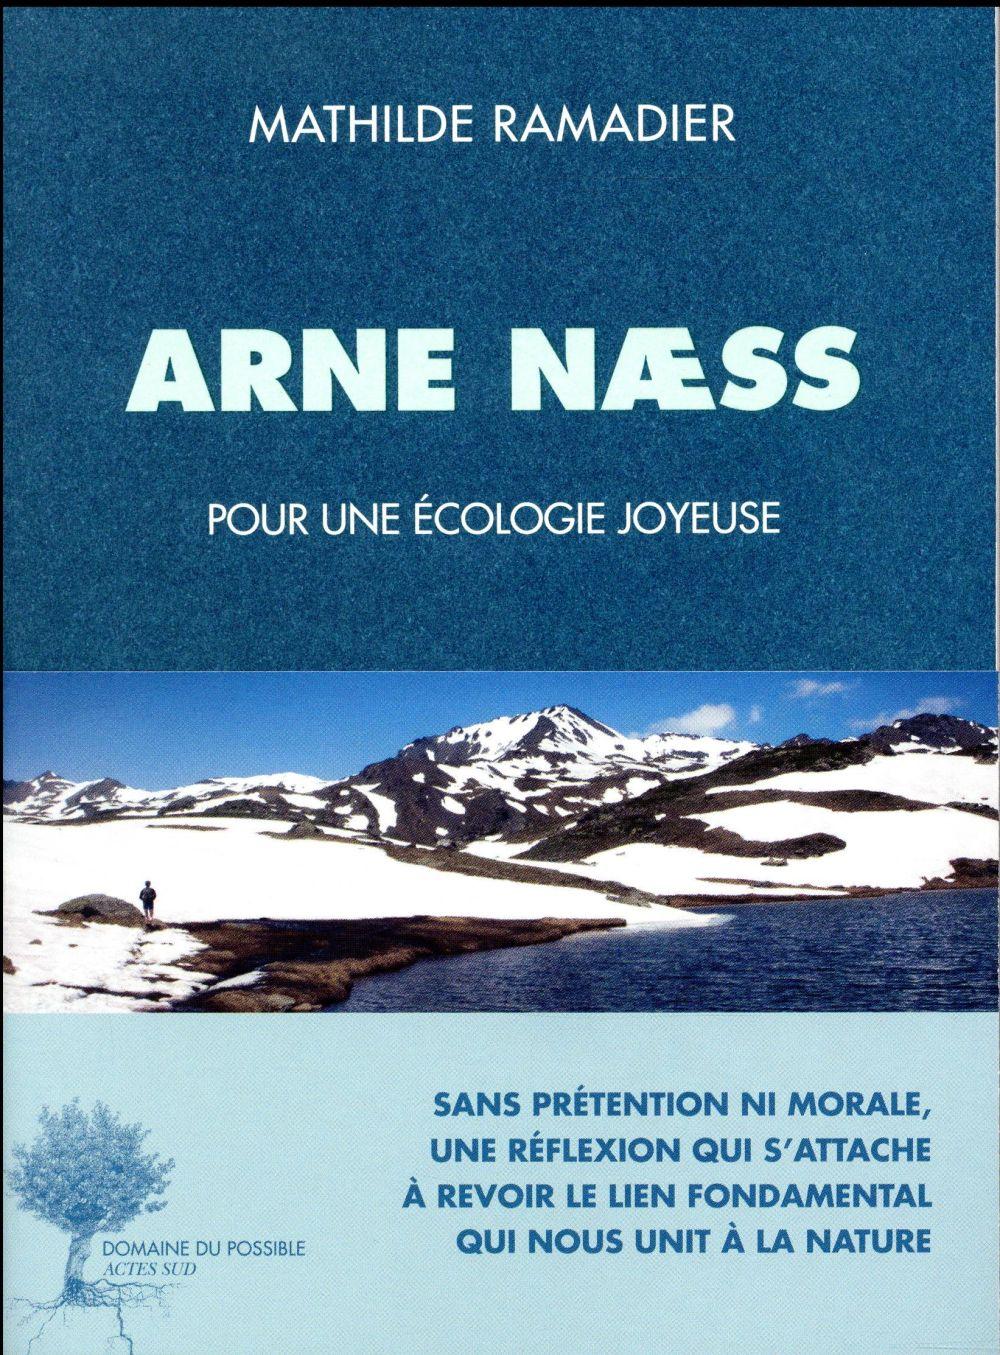 ARNE NAESS  -  POUR UNE ECOLOGIE JOYEUSE RAMADIER MATHILDE Actes Sud